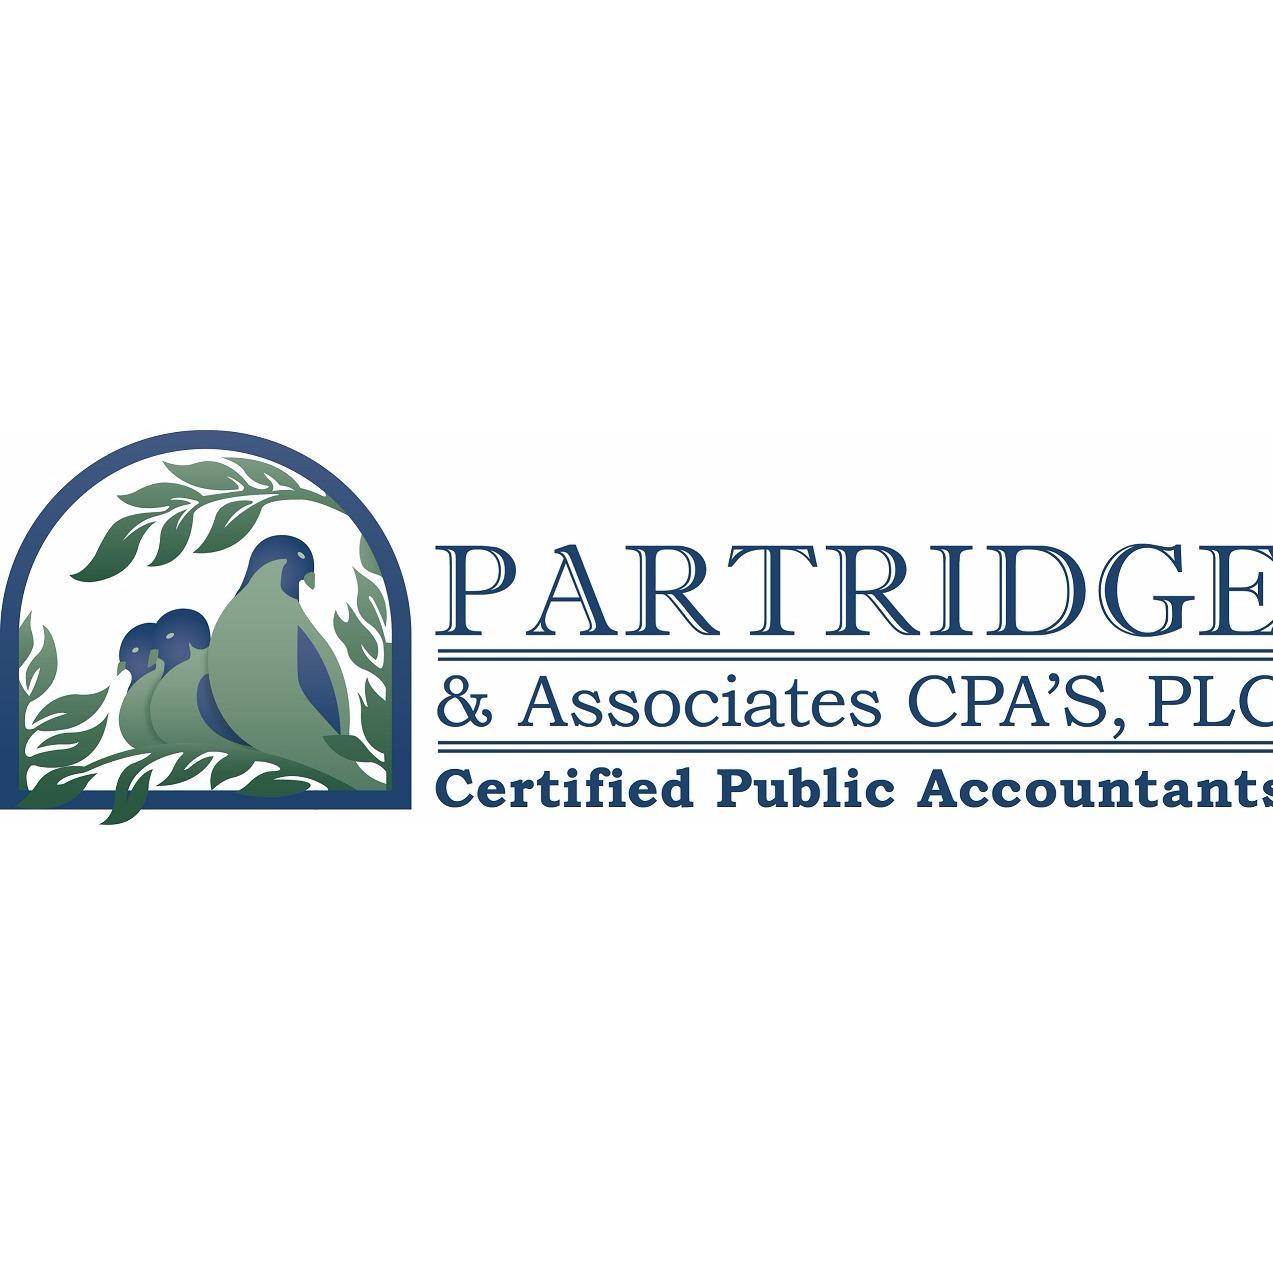 Partridge & Associates, CPA's PLC